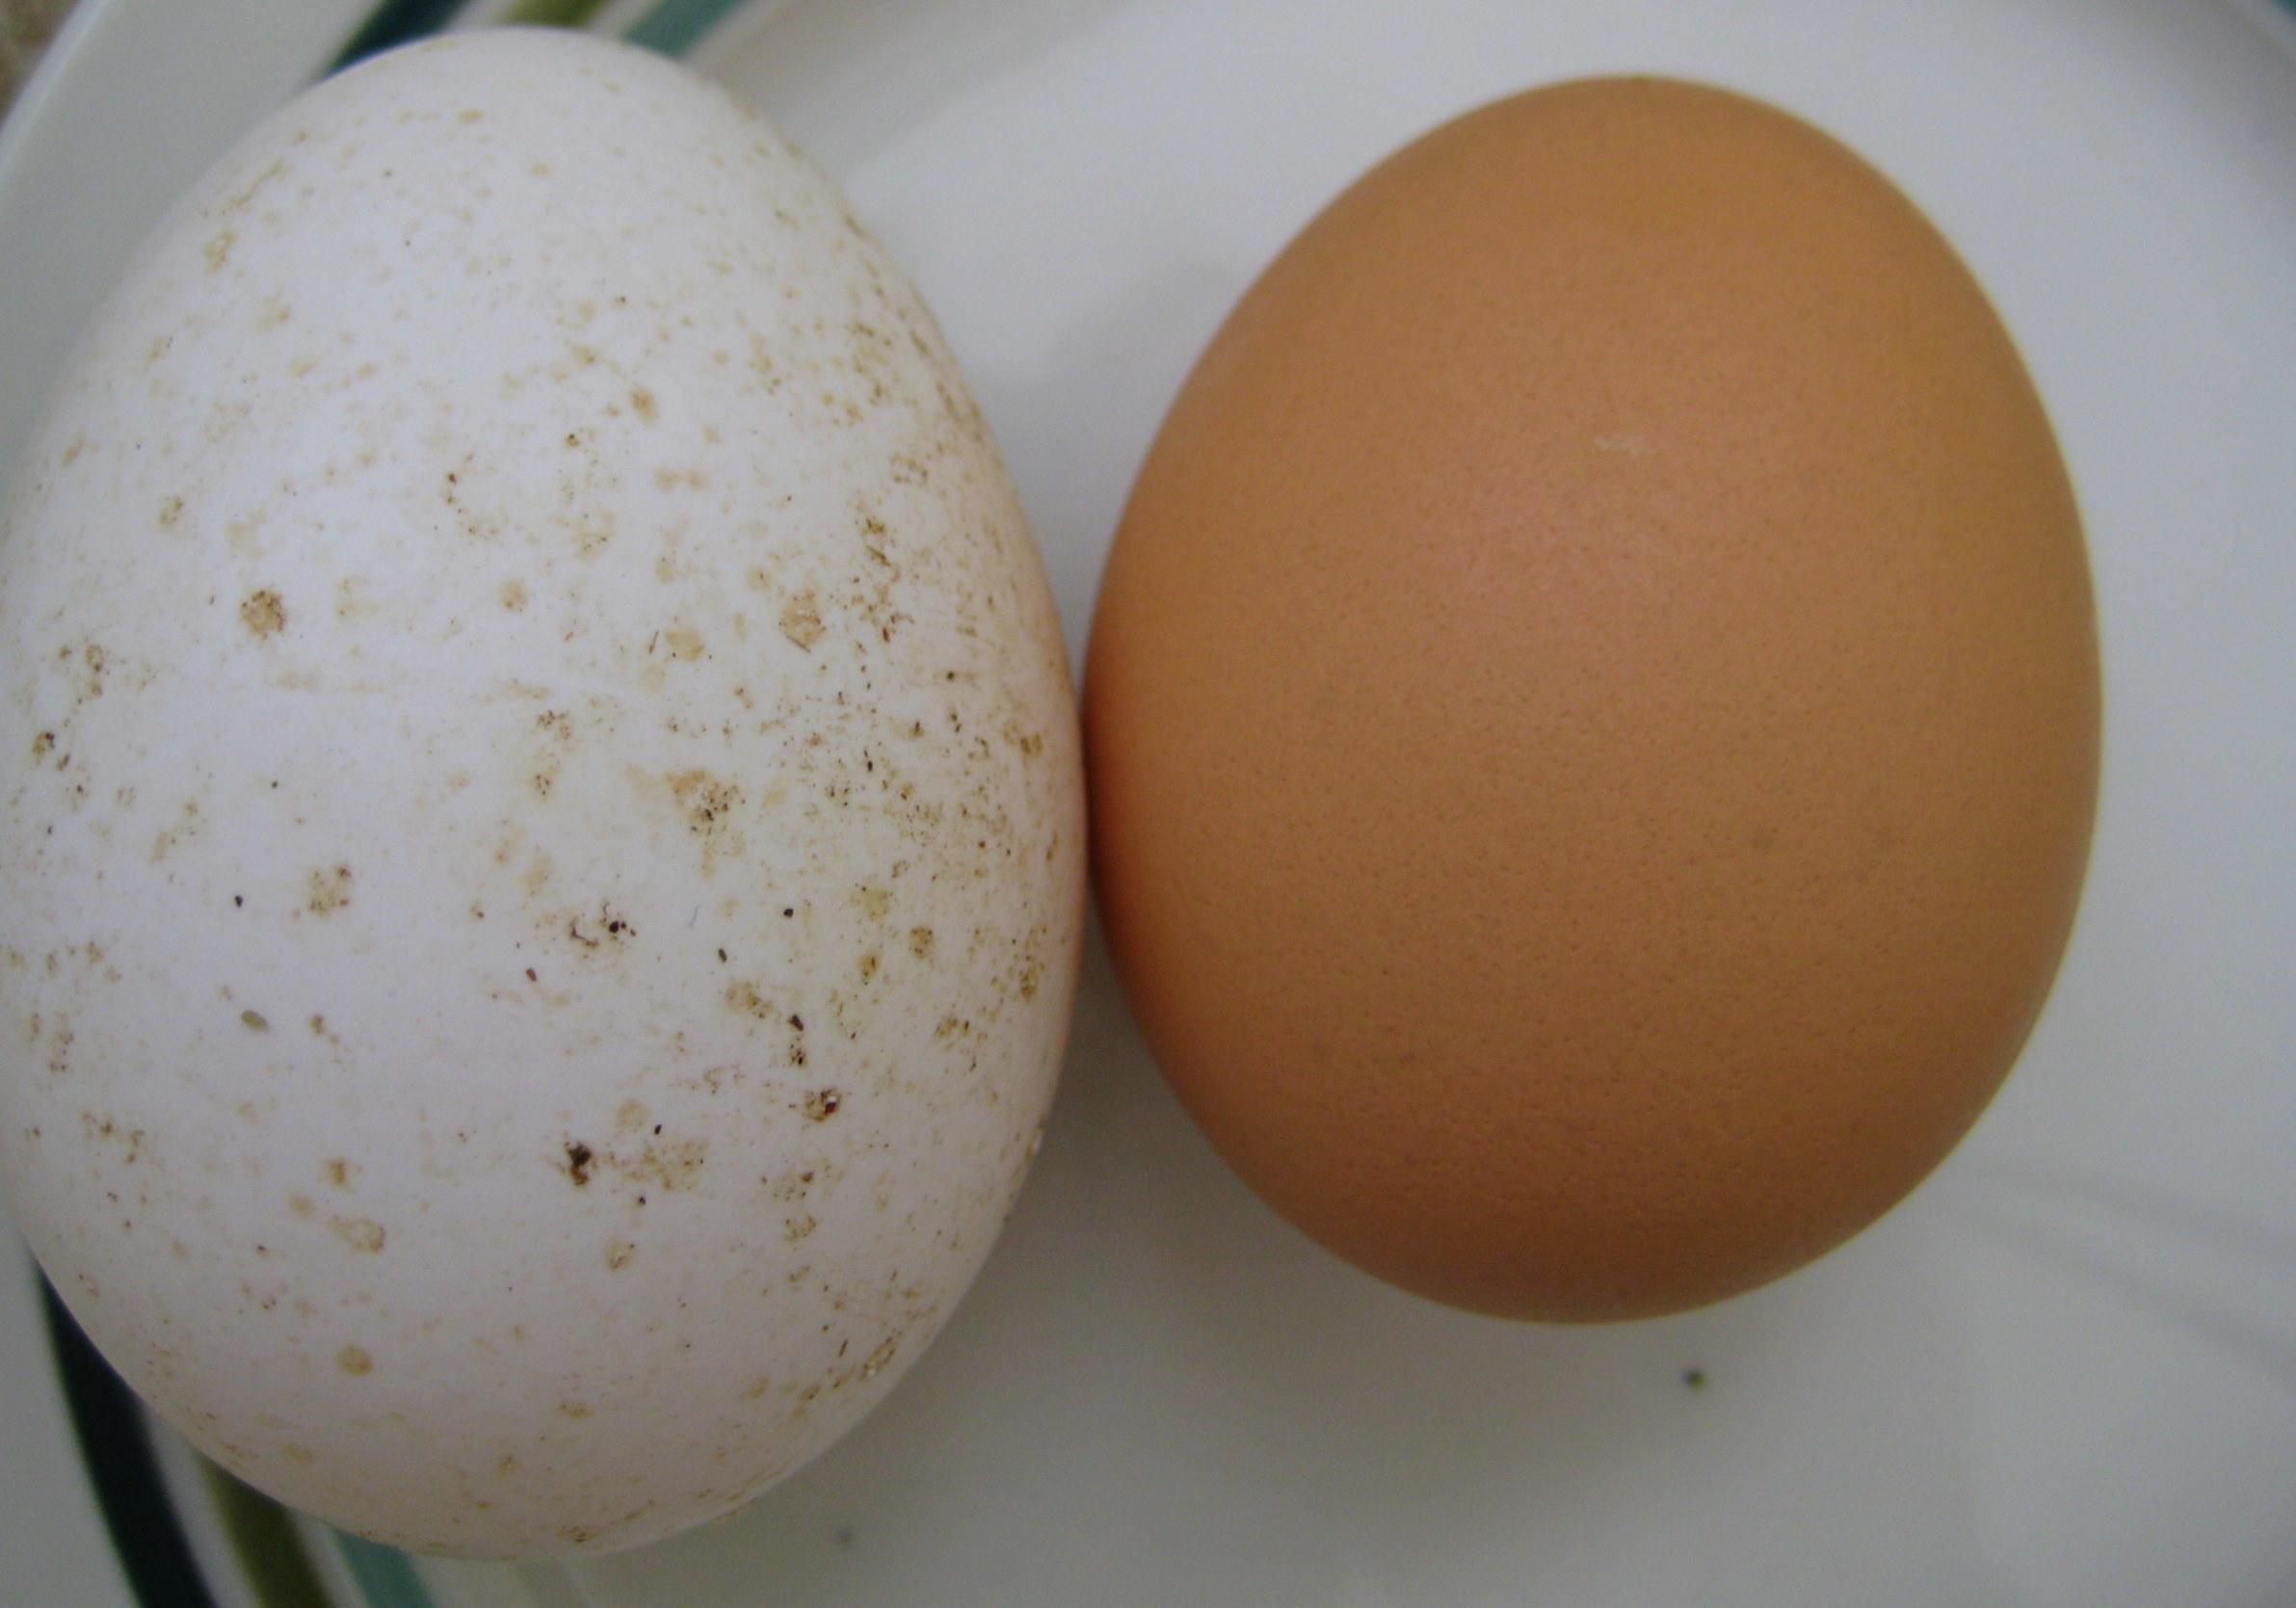 Turkey egg vs. regular ol' chicken egg